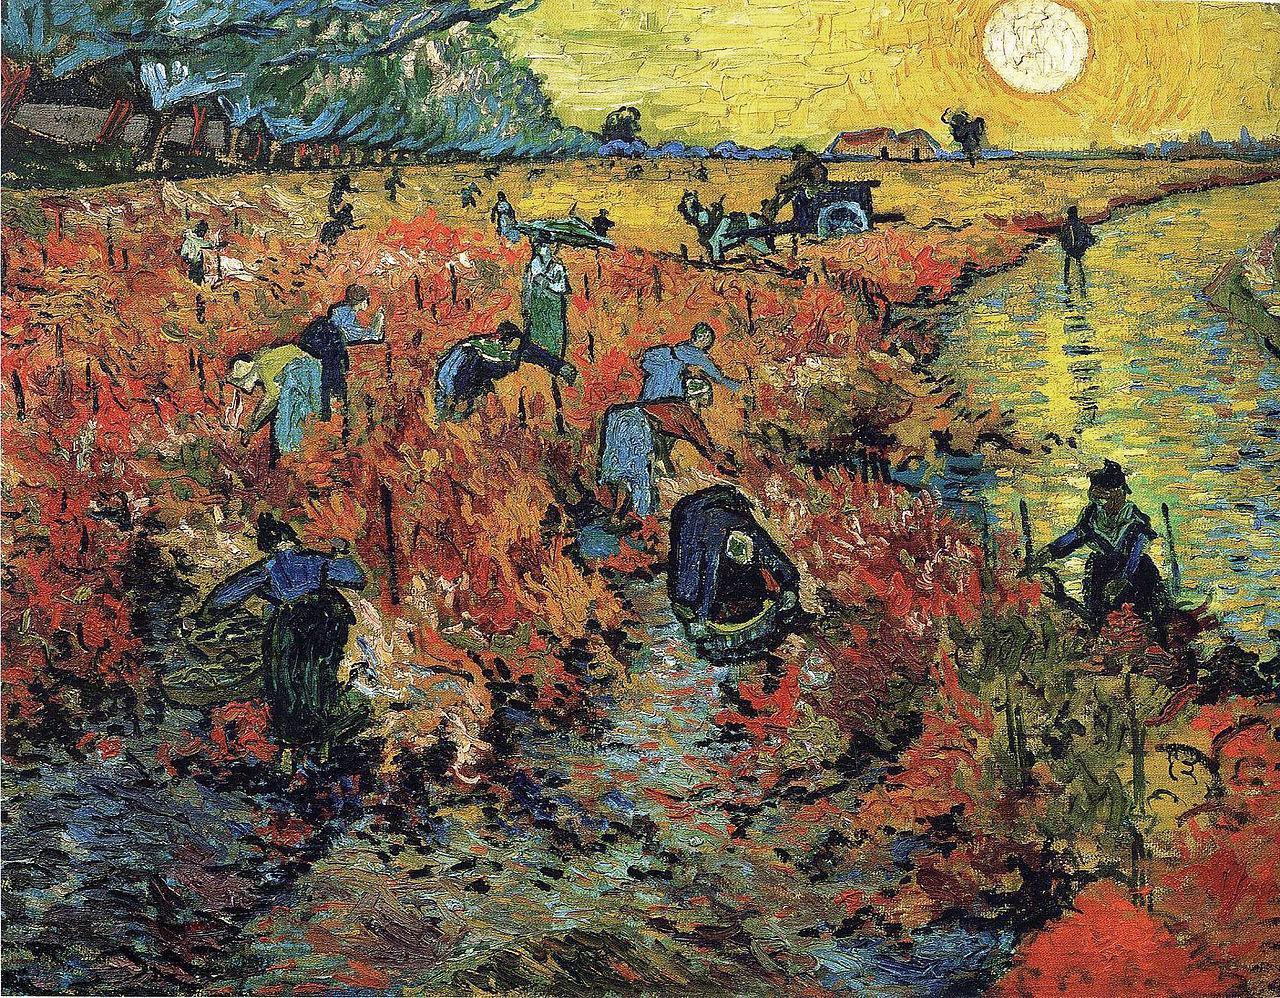 风景人物油画_红色的葡萄园_The Red Vineyard-文森特·梵高